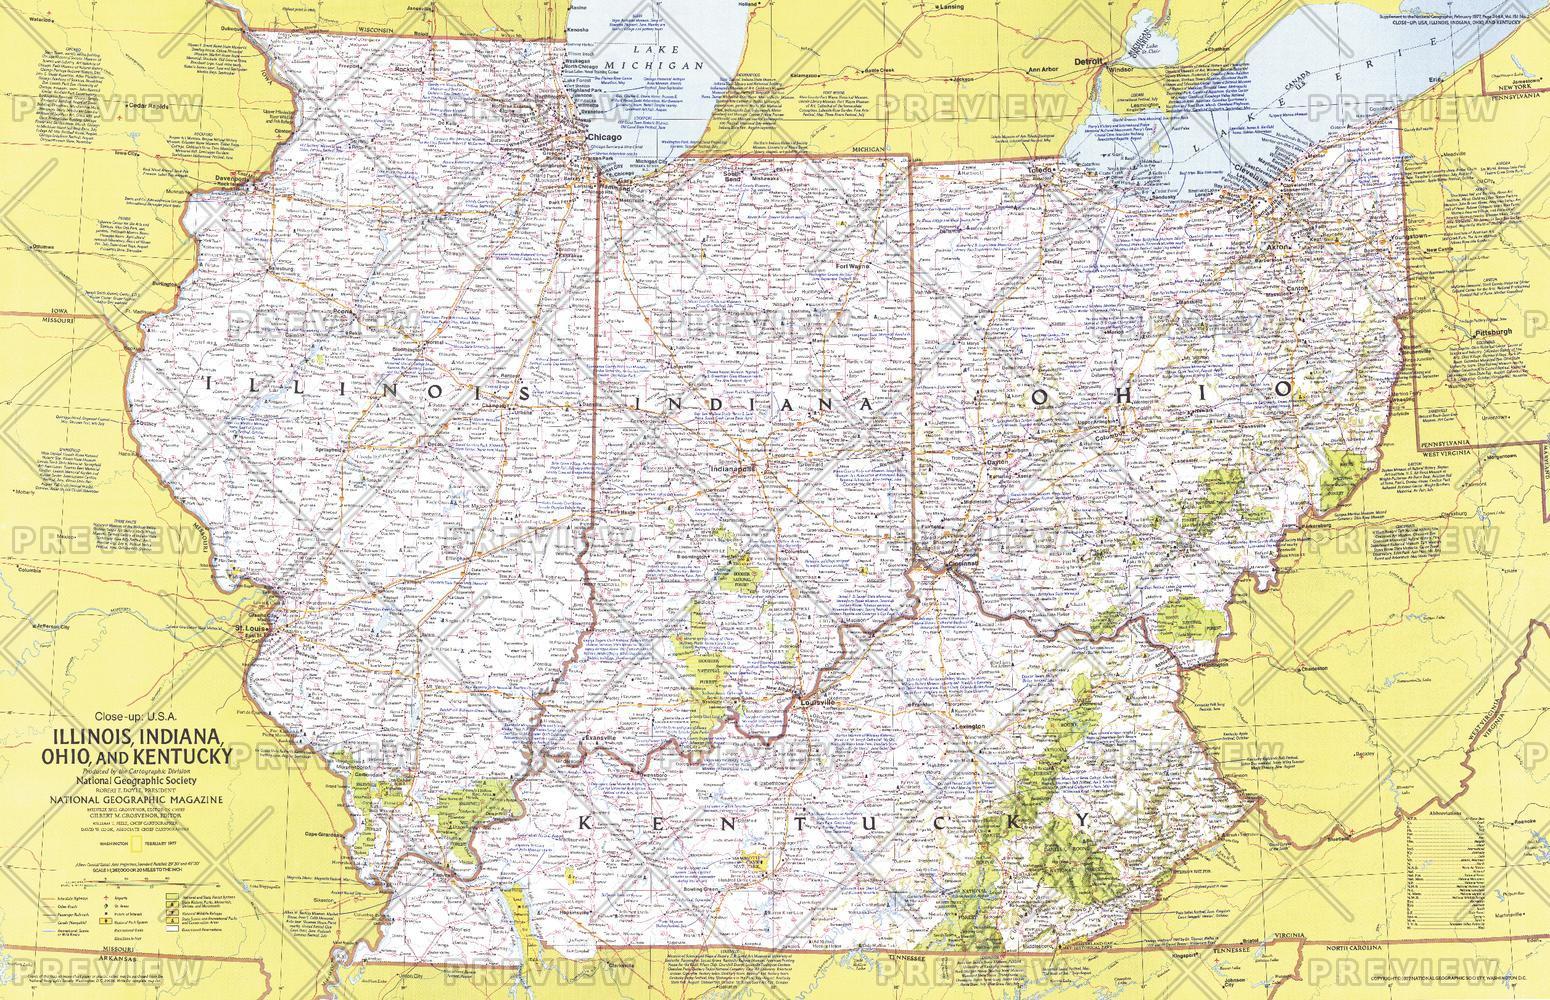 Close Up Usa Illinois Indiana Ohio Kentucky Published 1977